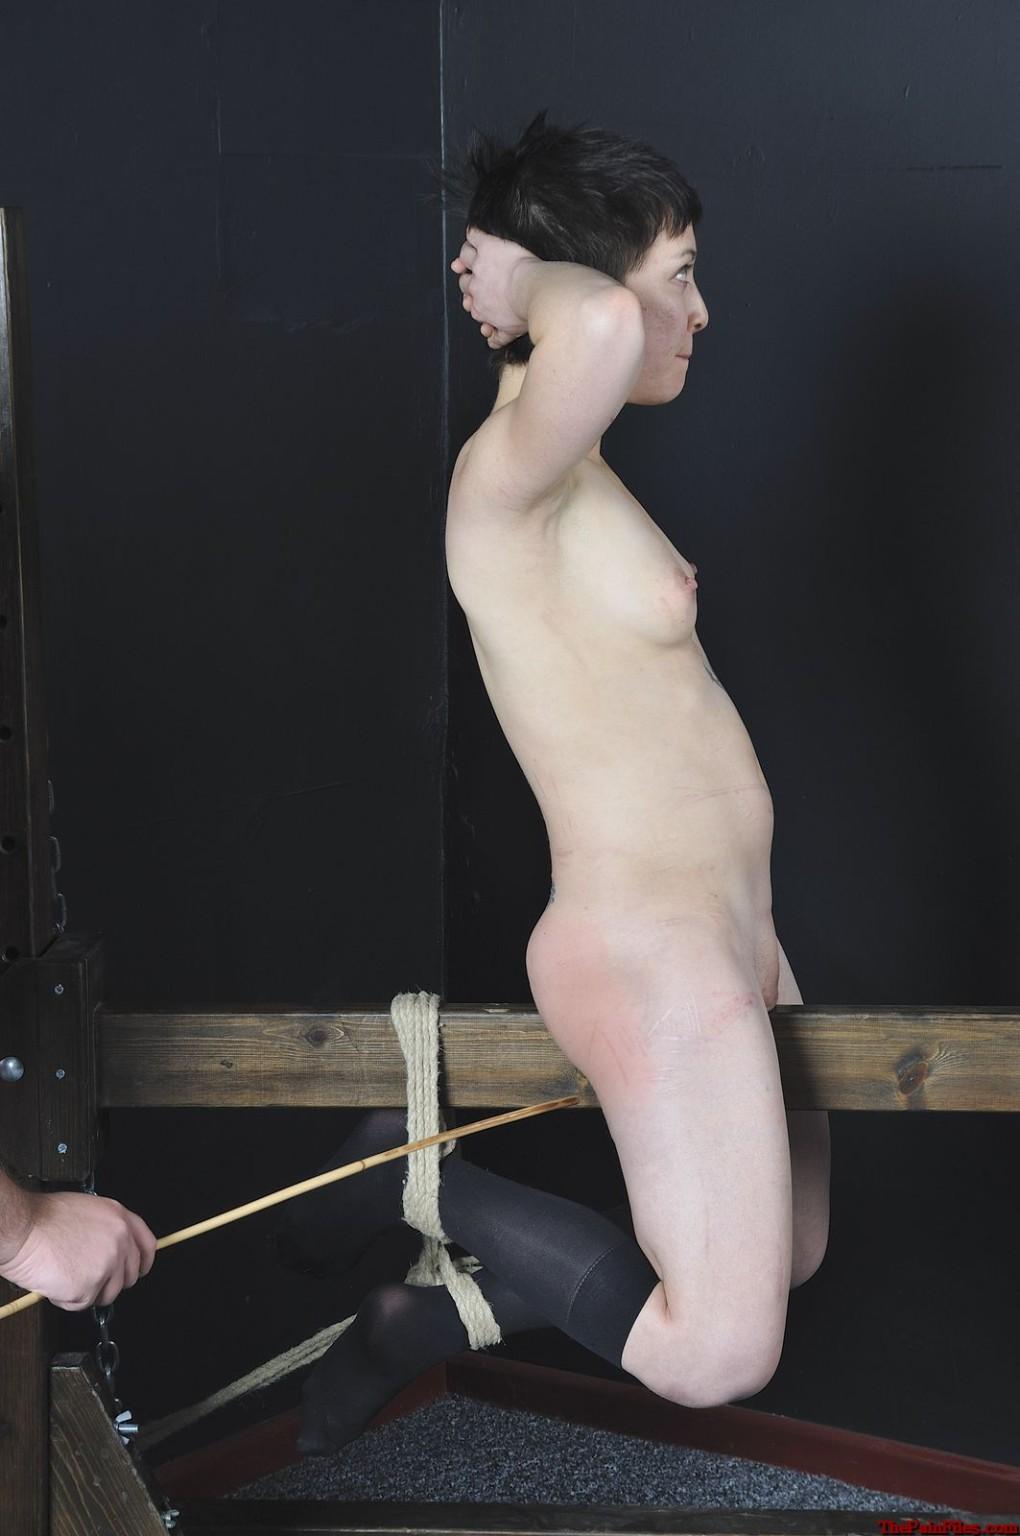 Natacha nice nude